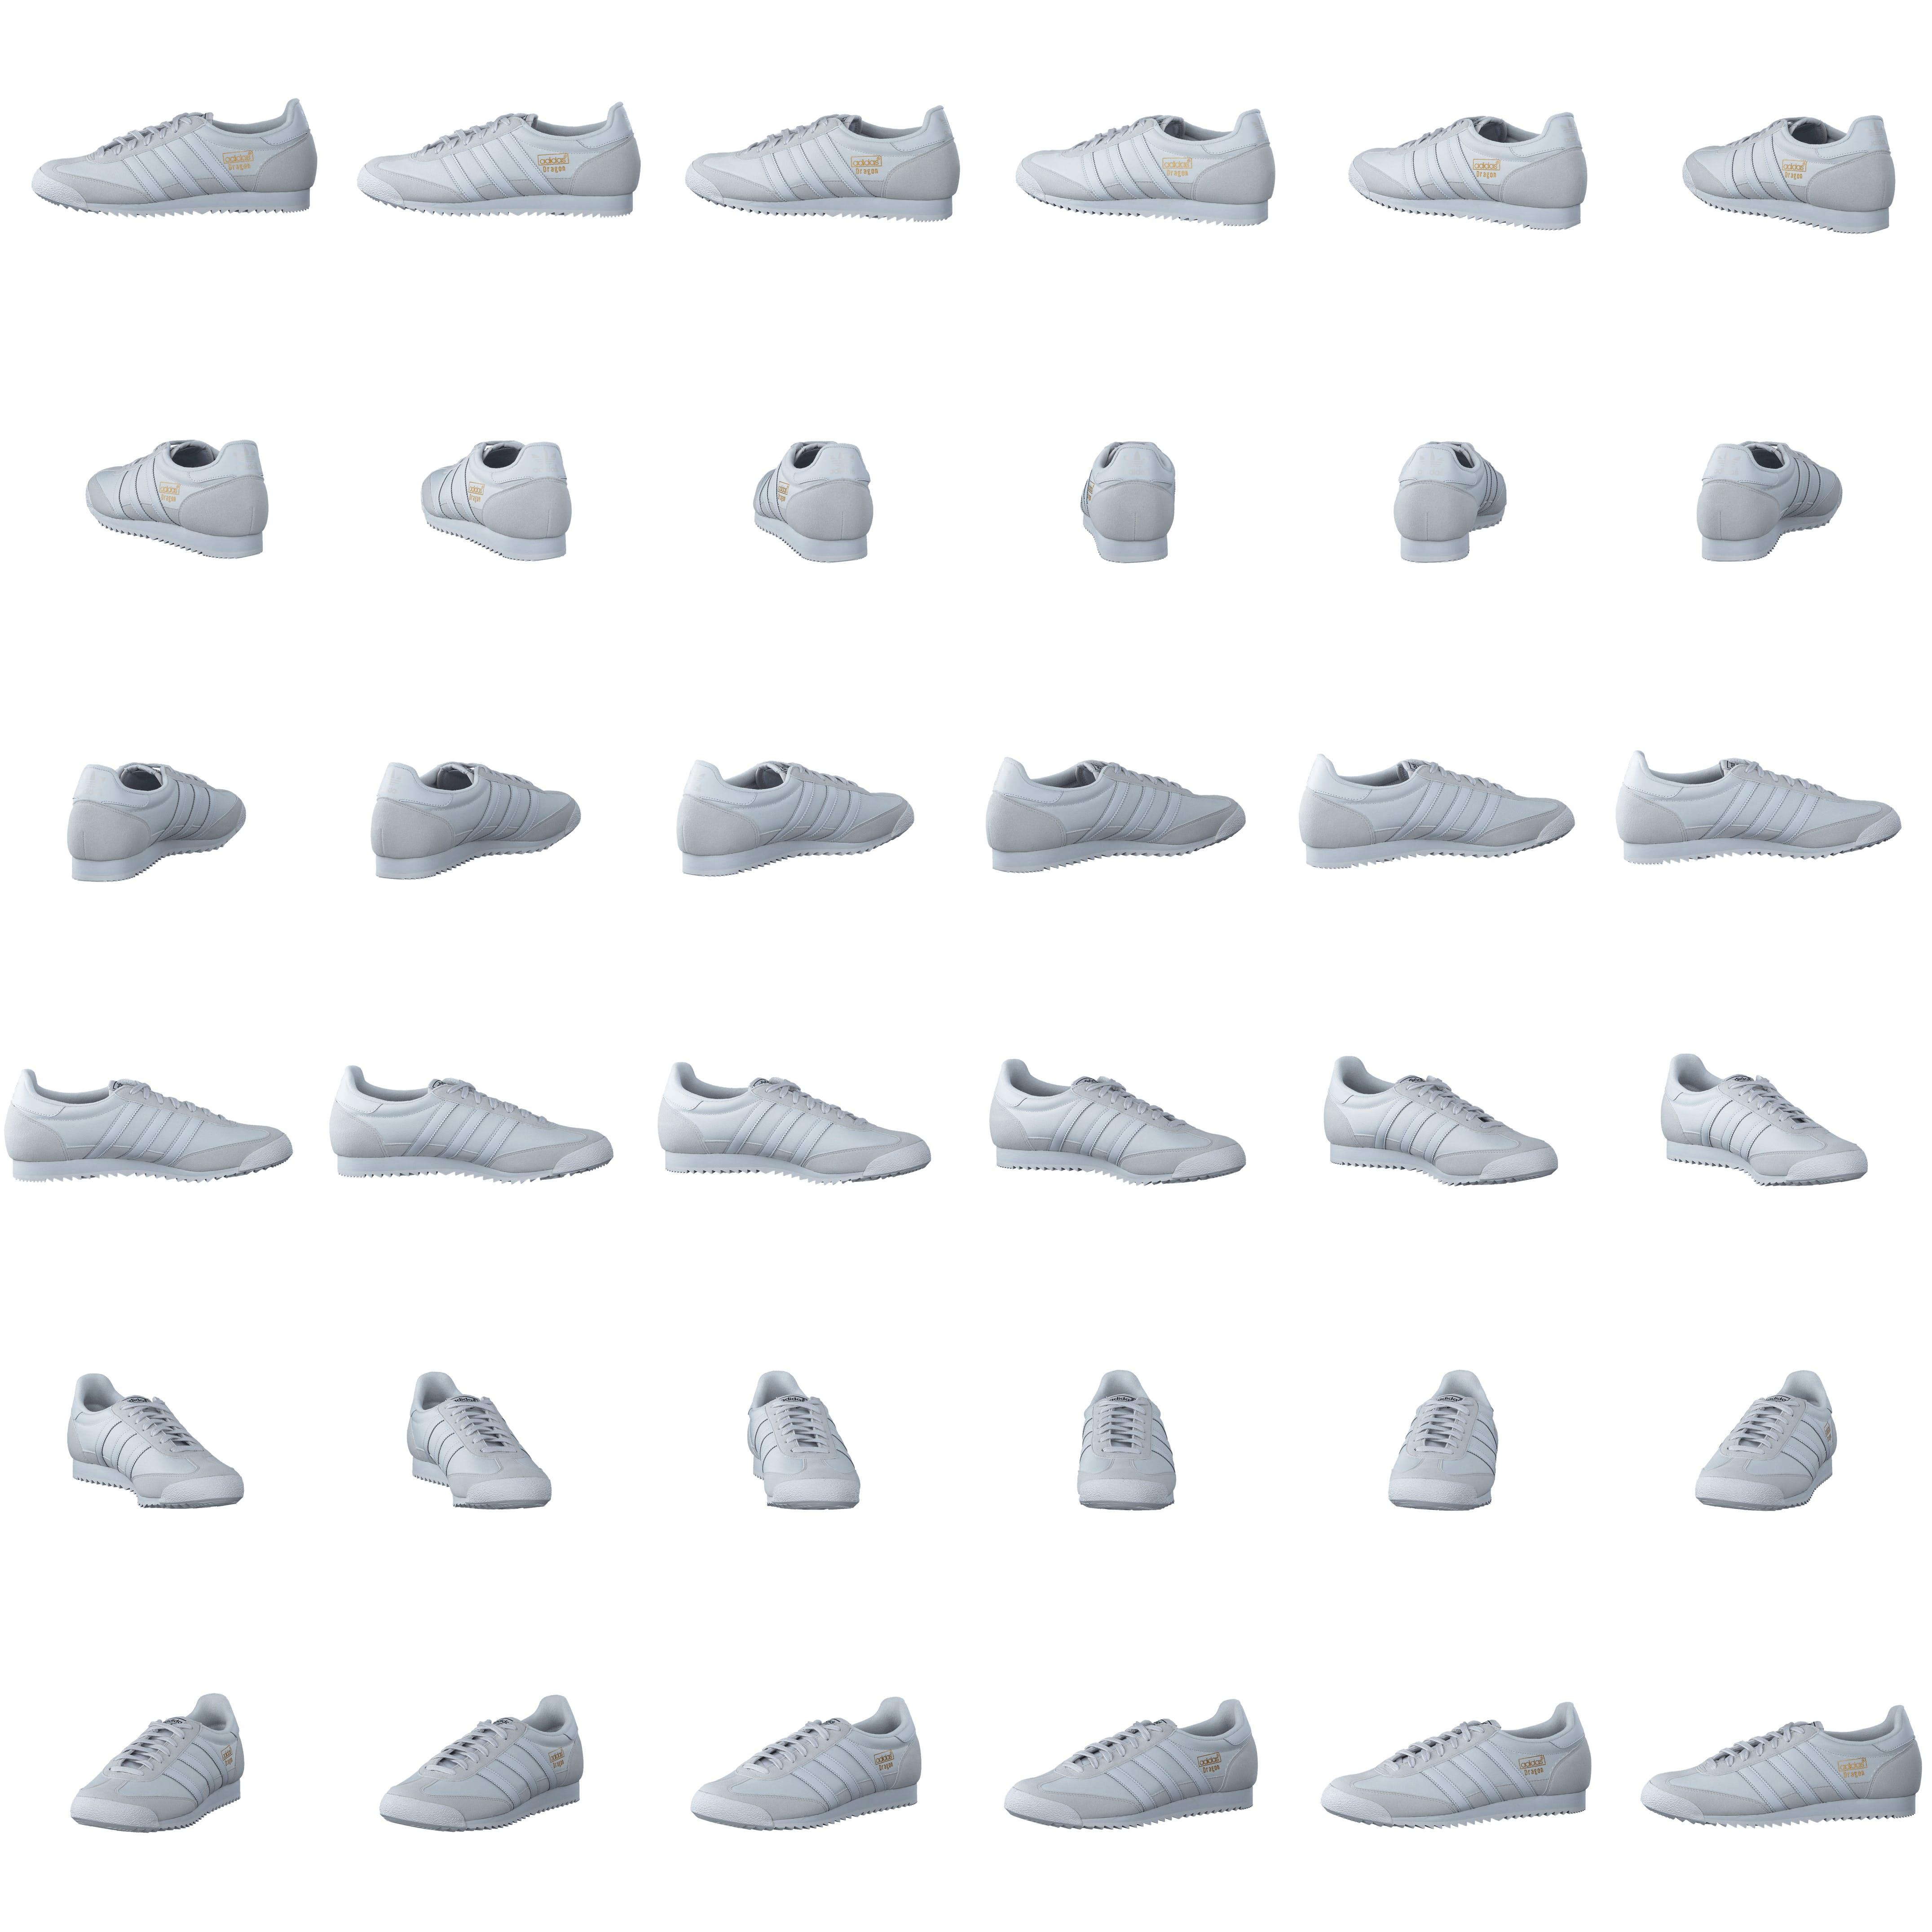 adidas dragon grigio